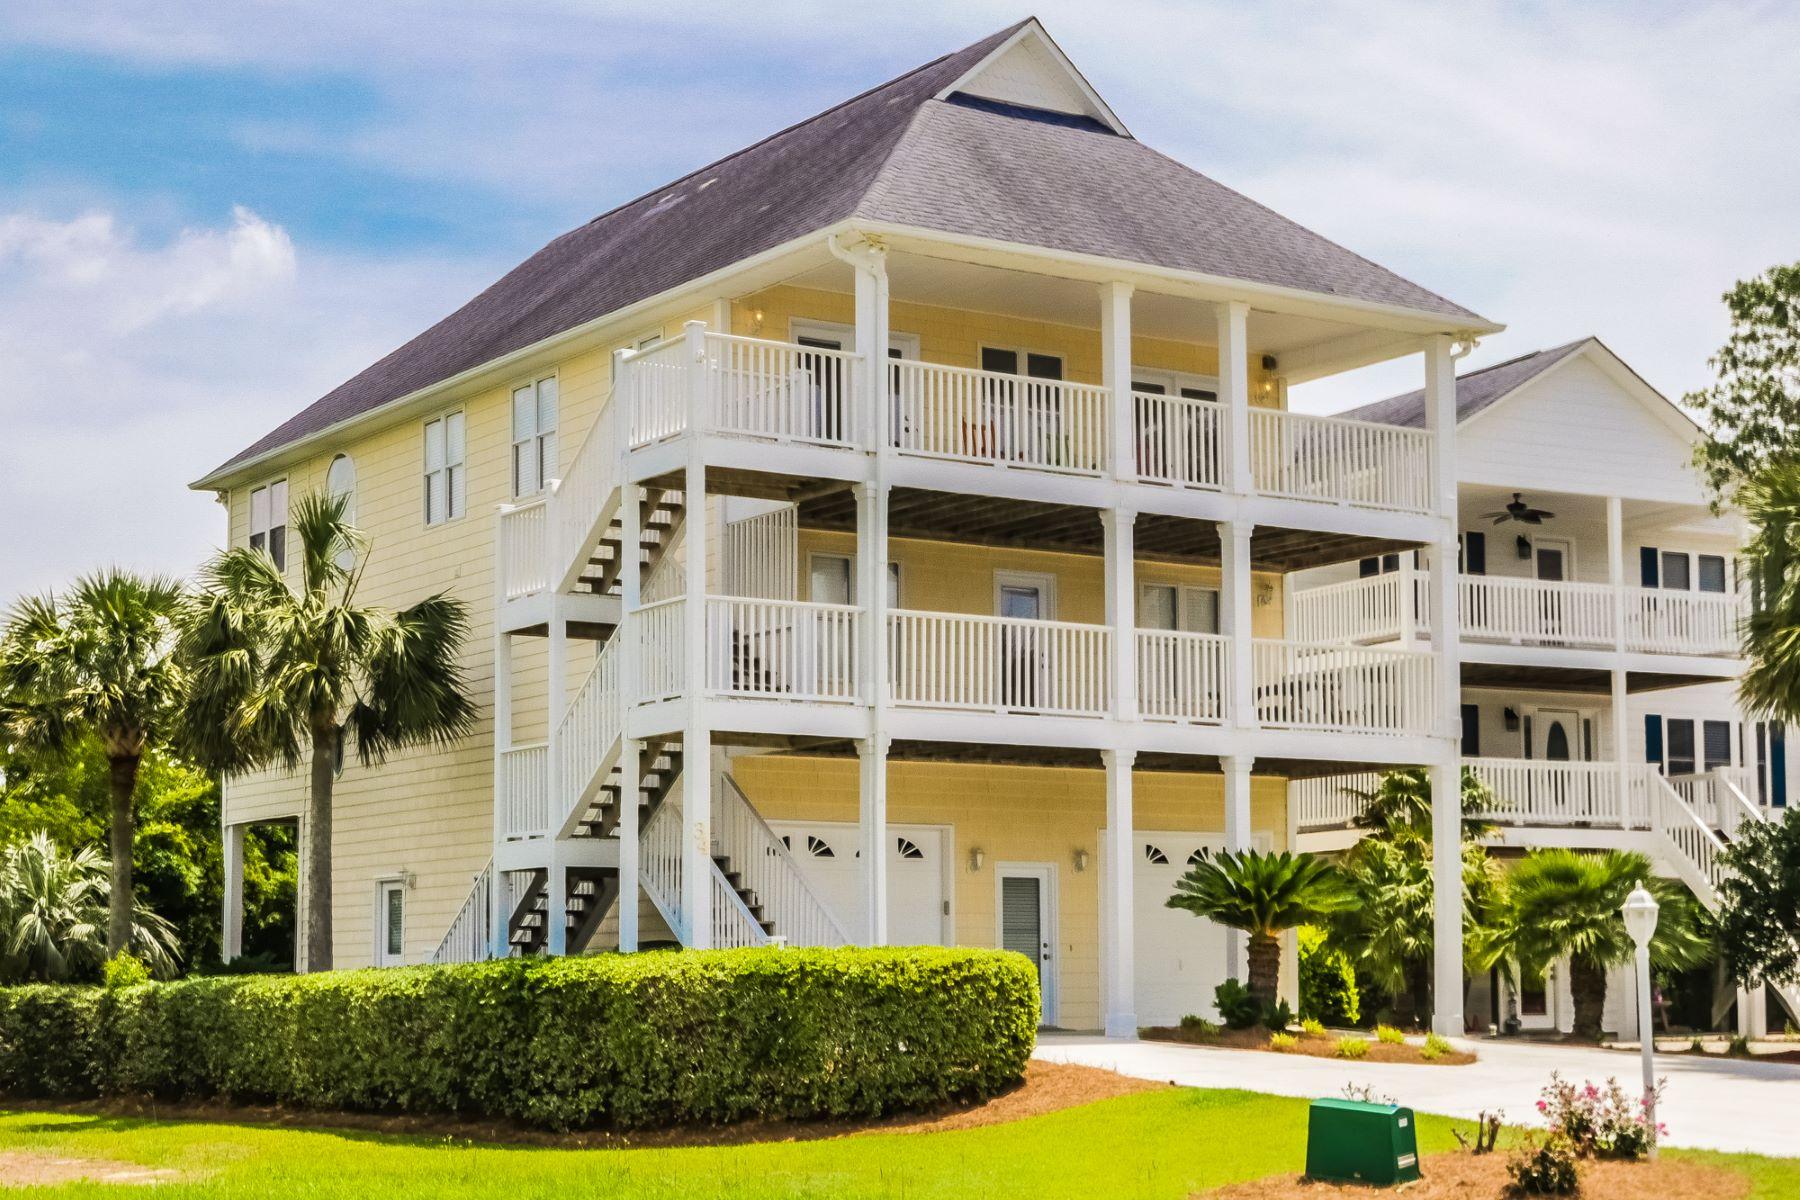 Casa para uma família para Venda às Impeccably Maintained Furnished Island Home 34 Sandy Lane Surf City, Carolina Do Norte, 28445 Estados Unidos